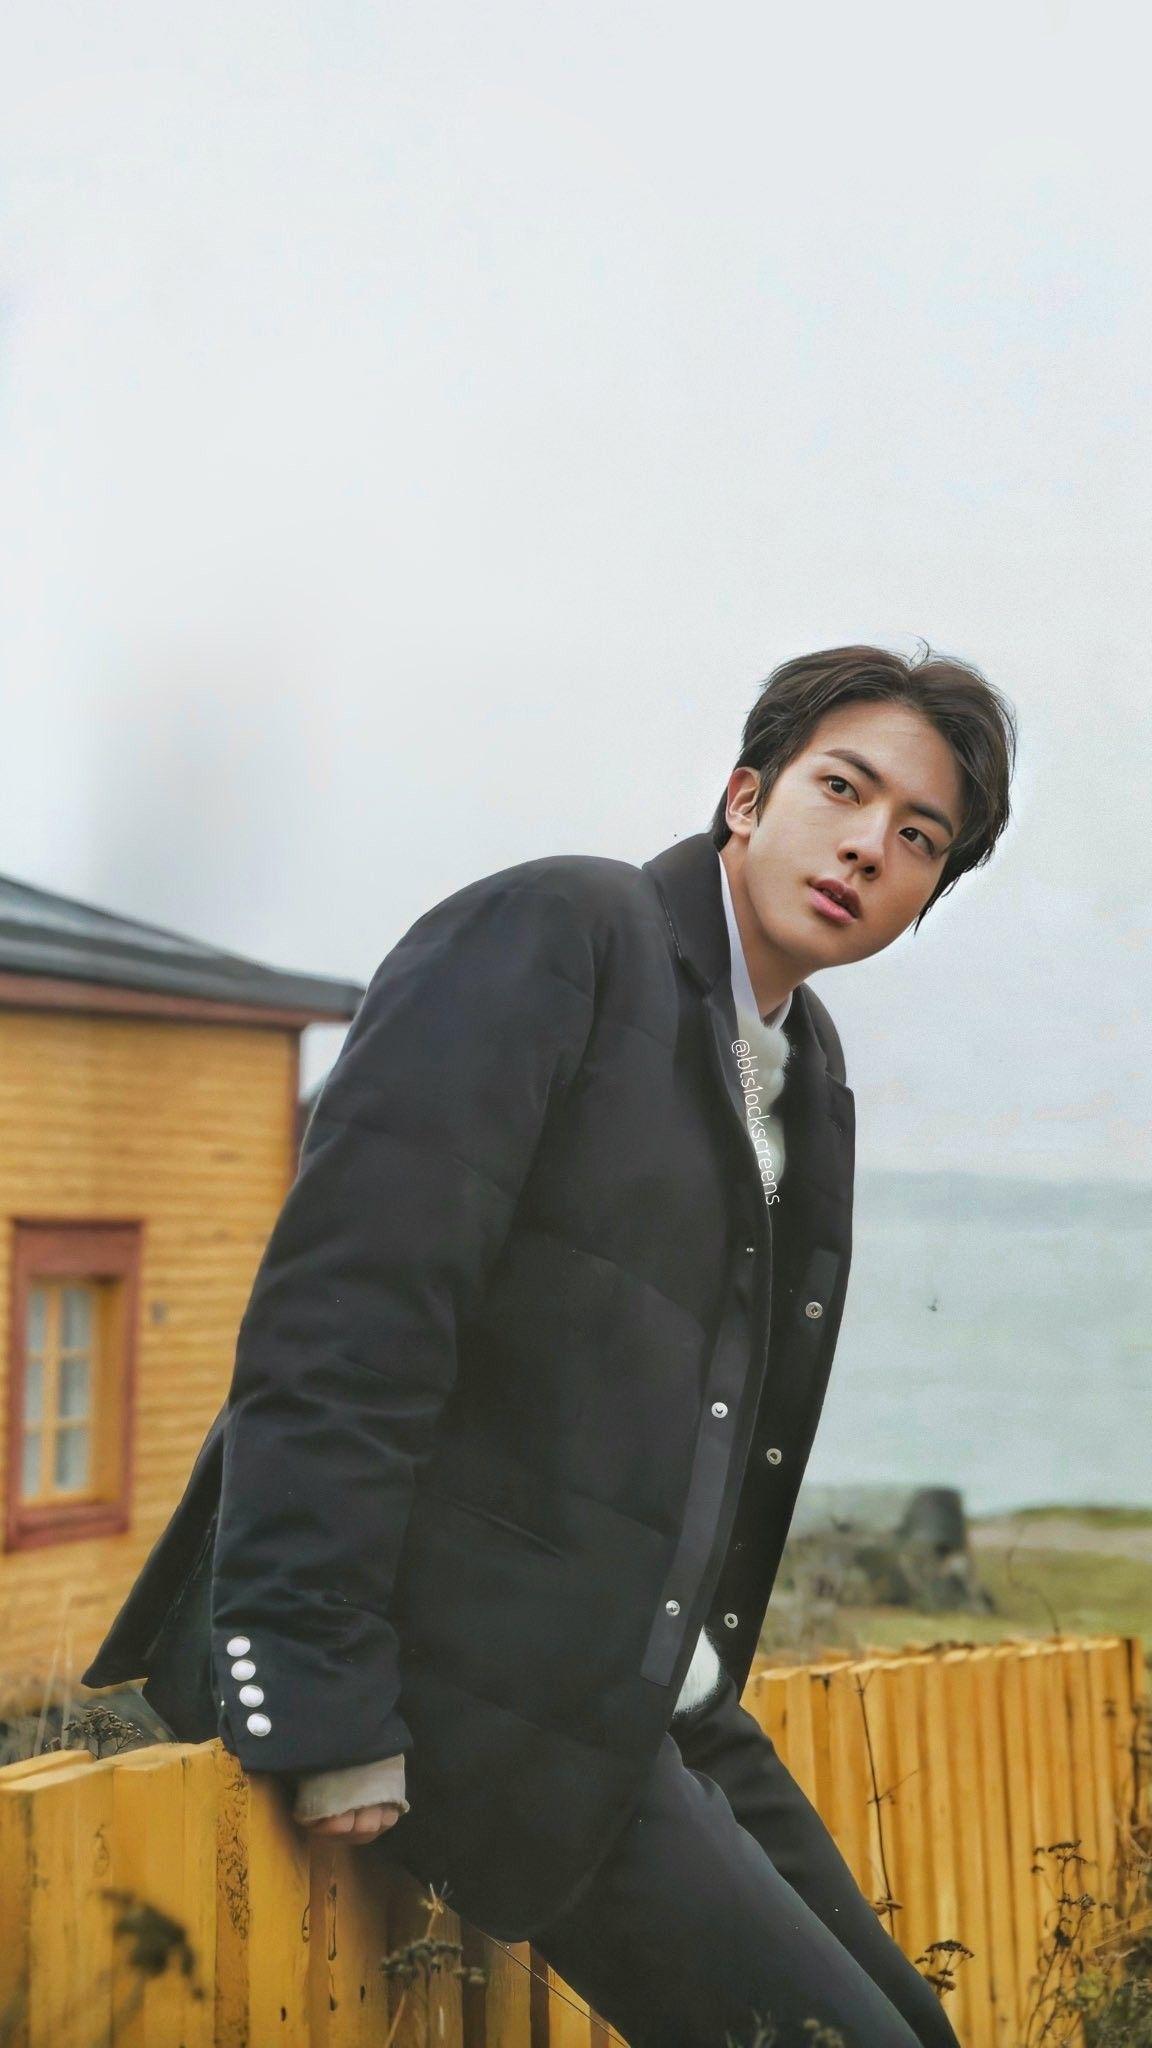 500 Bts Kim Seok Jin Ideas In 2020 Jin Bts Bts Jin